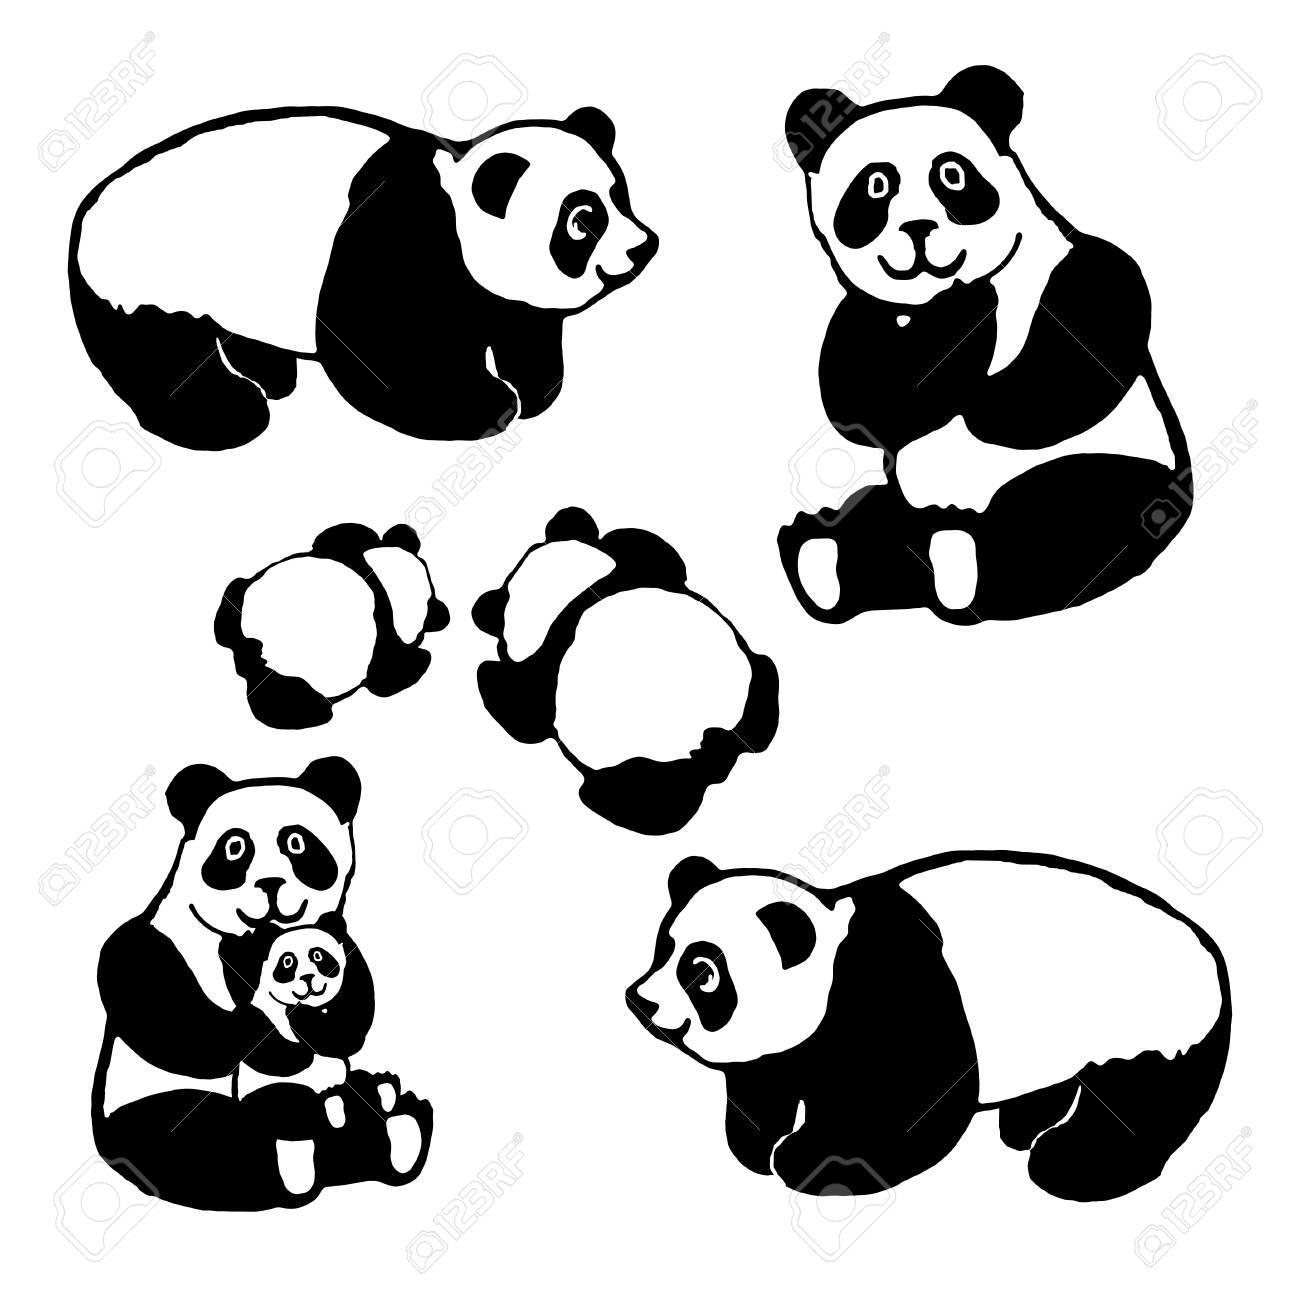 Vector De La Imagen De Un Oso Panda Conjunto Para El Diseño De Postales Libros Para Colorear Imprimir En La Ropa